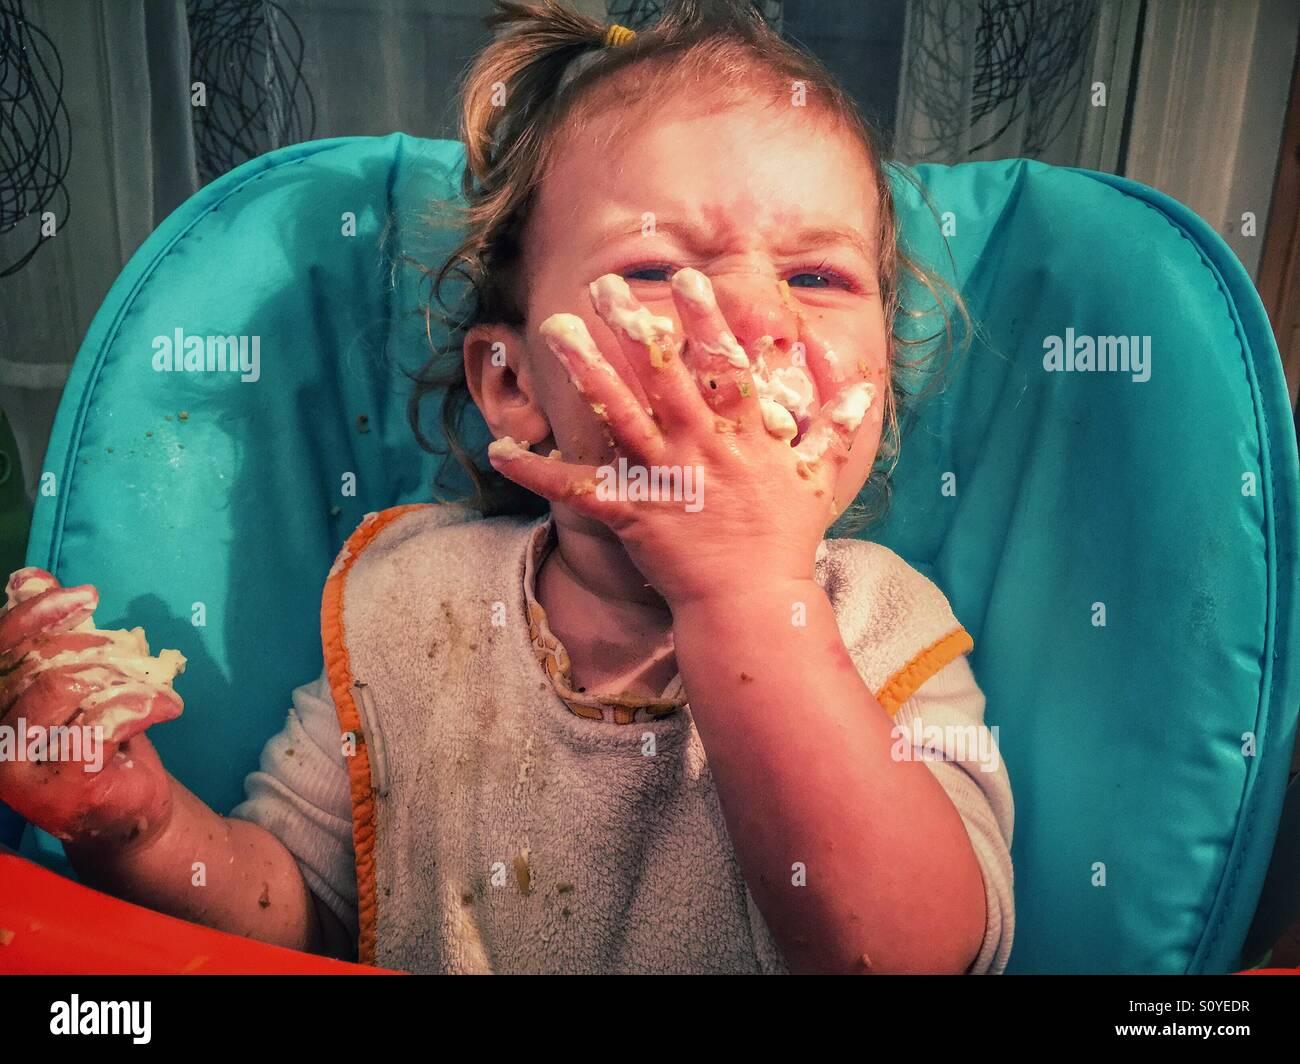 Alimentation de bébé visage malpropre Photo Stock